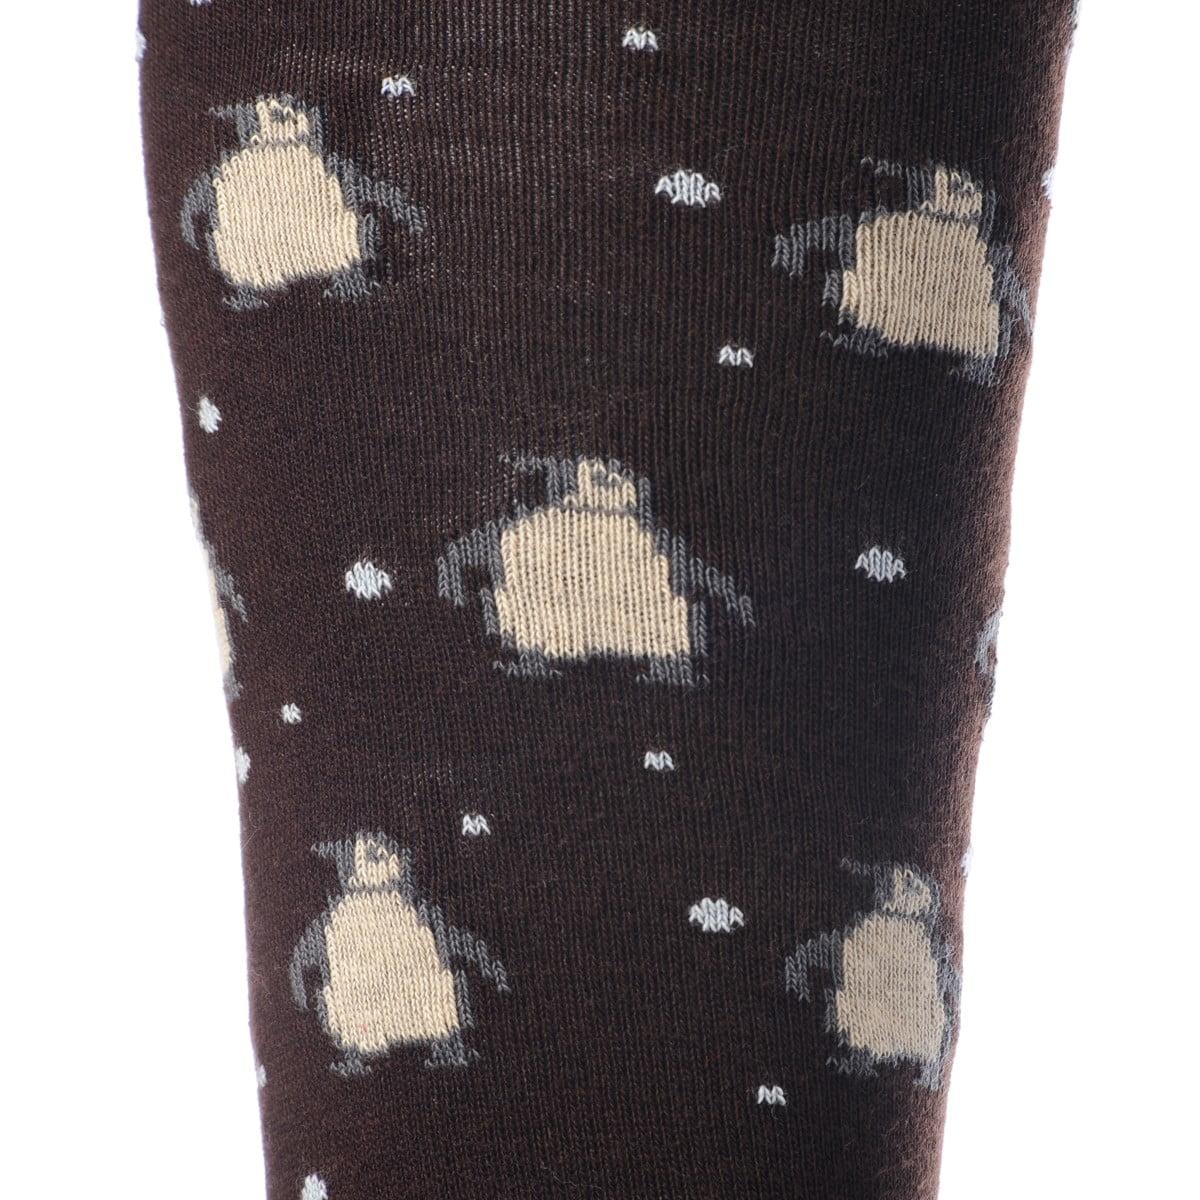 Calze Gallo Pinguini color marrone - dettaglio